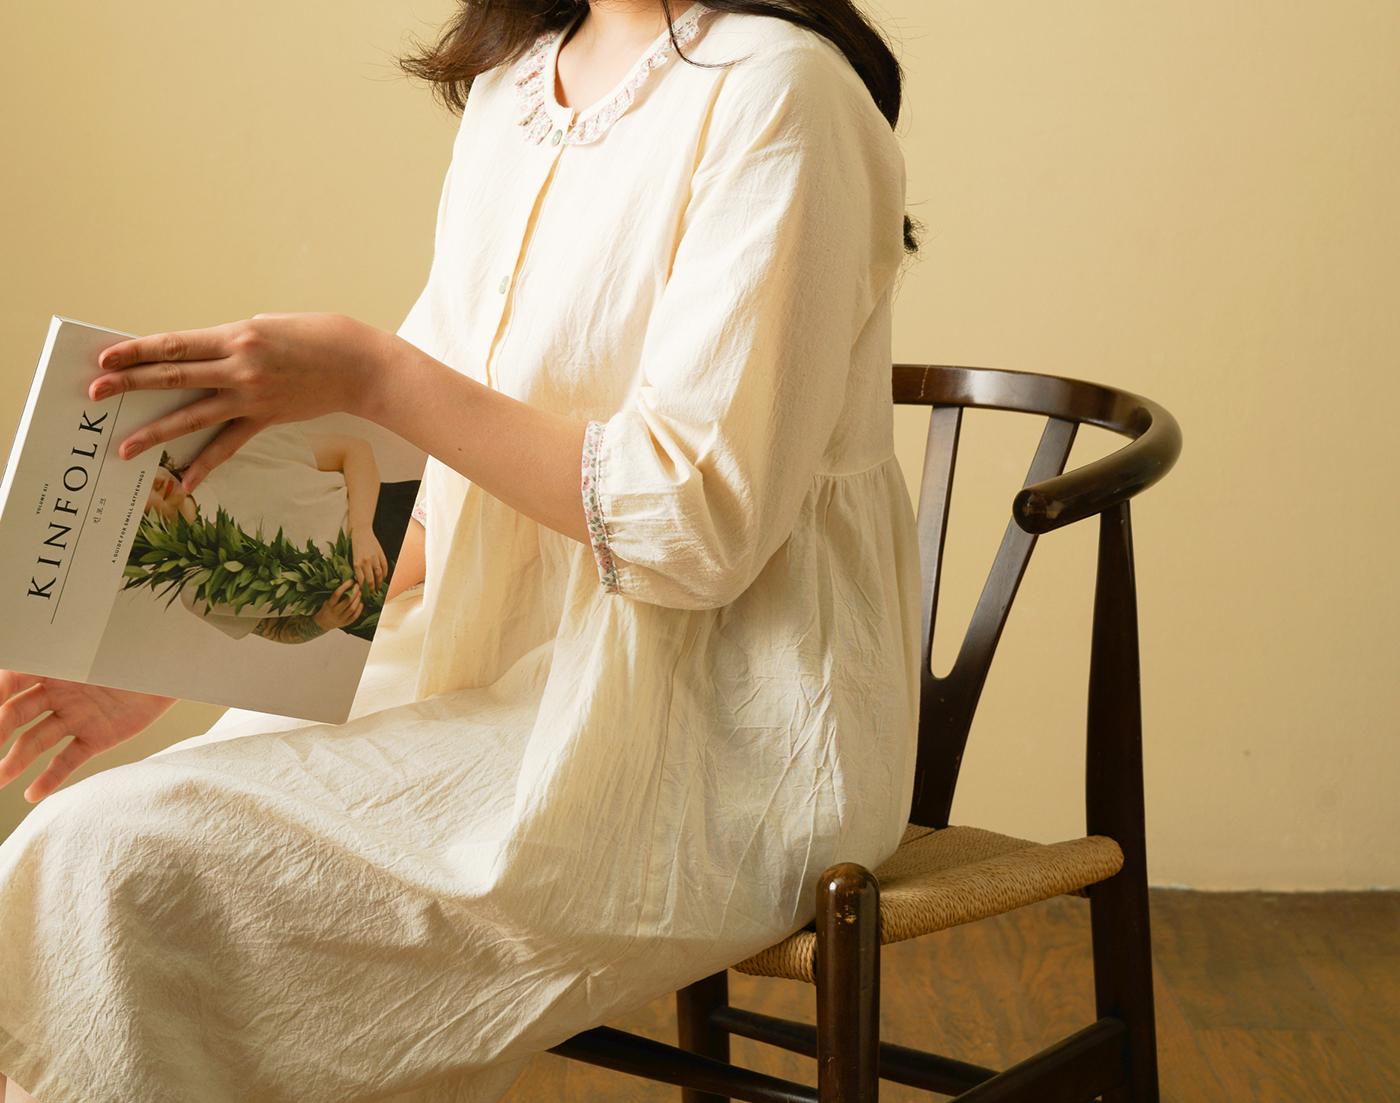 핸드메이드 광목 여성 실내복 긴팔 원피스/100% 손으로 만든 여성 실내복(원피스) 상세이미지4